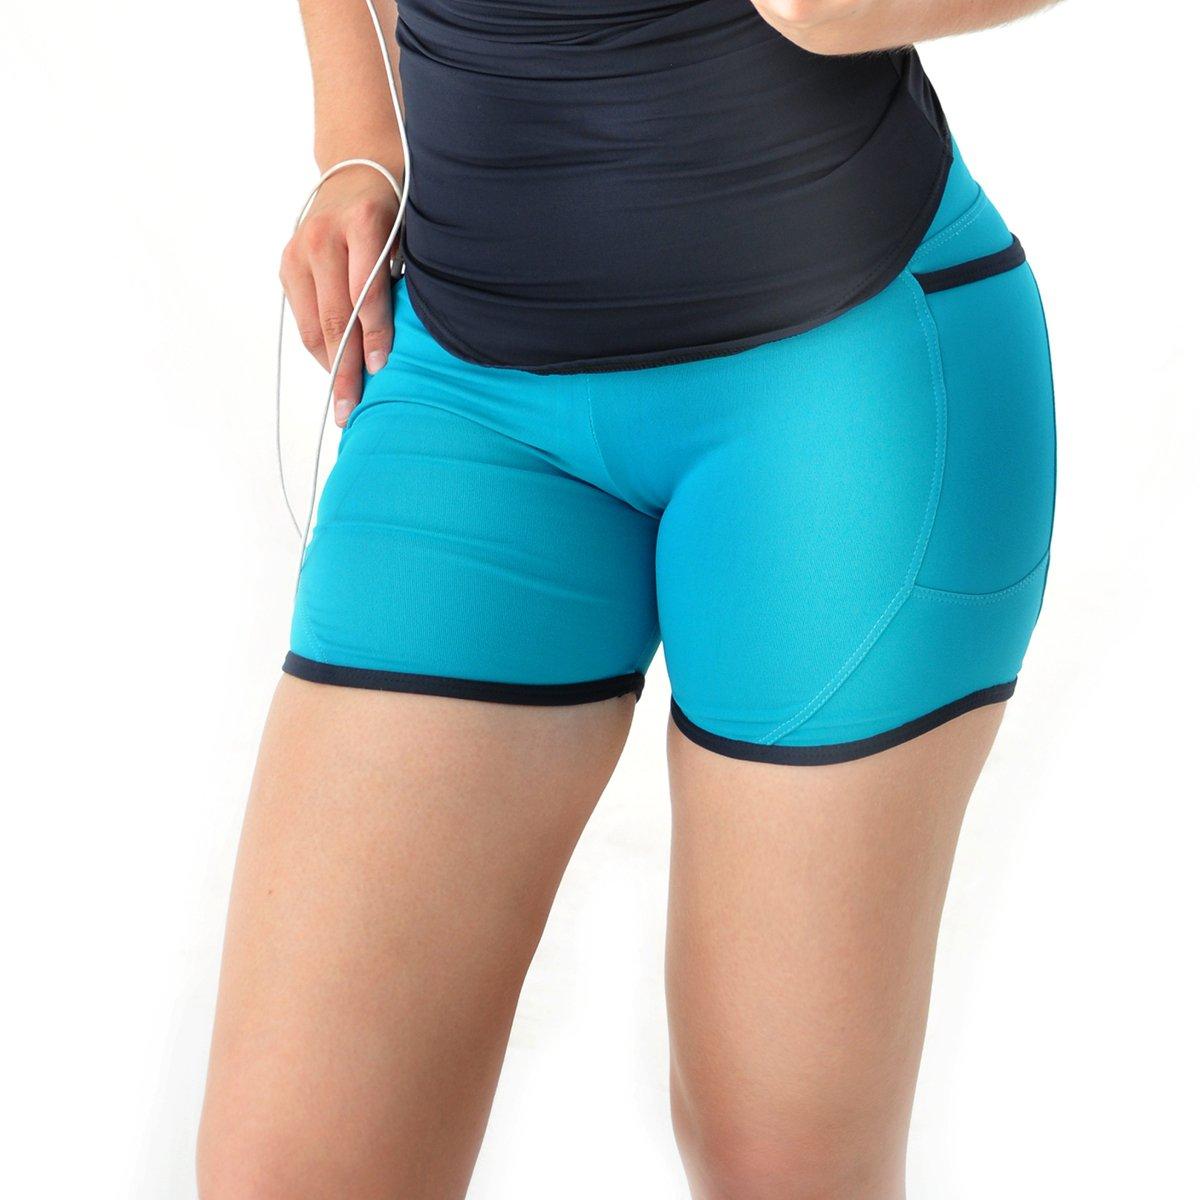 1ff1bba11de5b Shorts Mama Latina Mobile com bolsos - Azul e Preto - Compre Agora ...